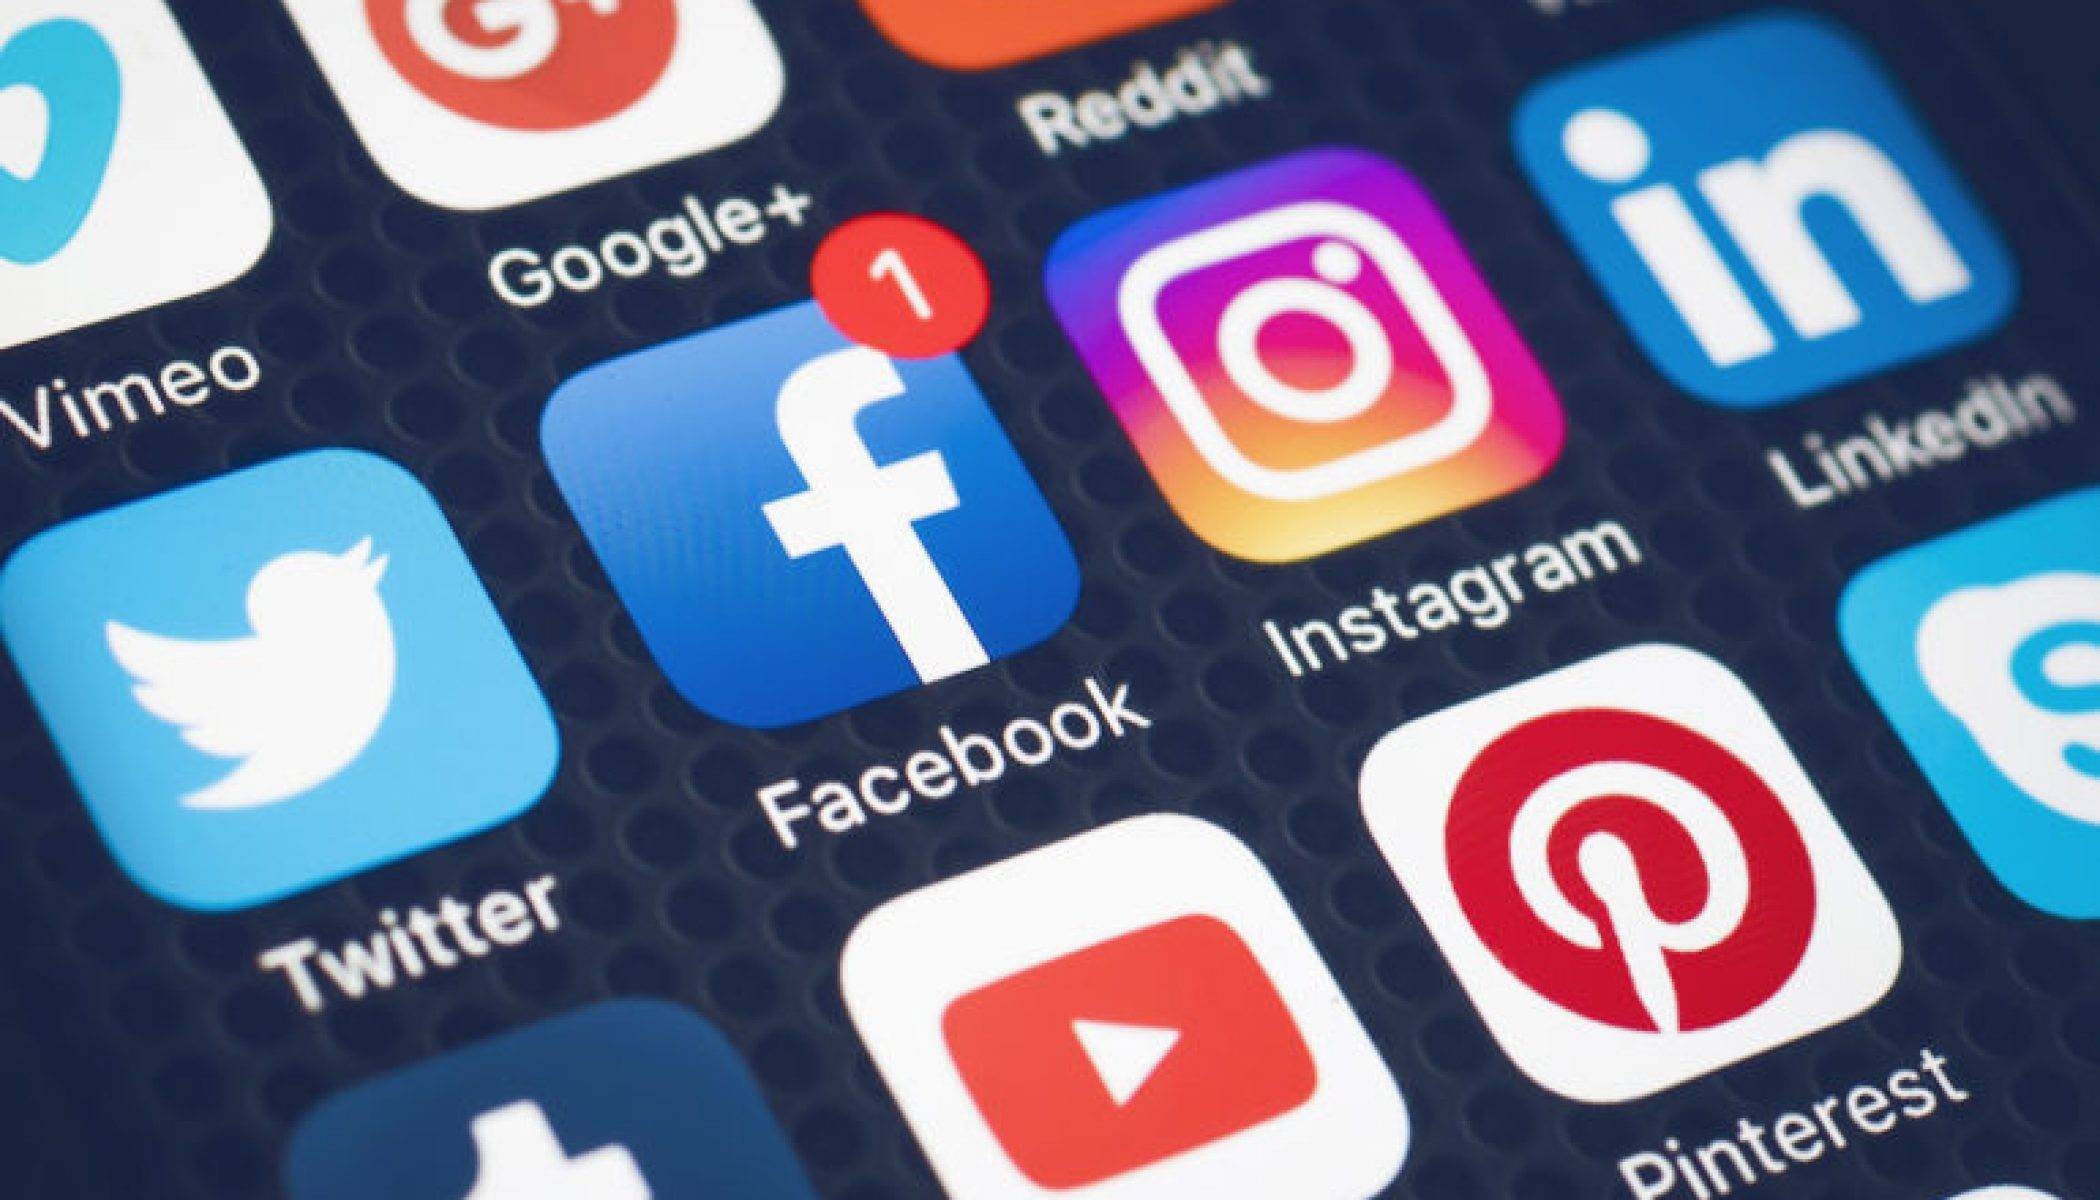 Le réseau social Facebook pourrait prendre une ampleur considérable avec ce nouveau projet.